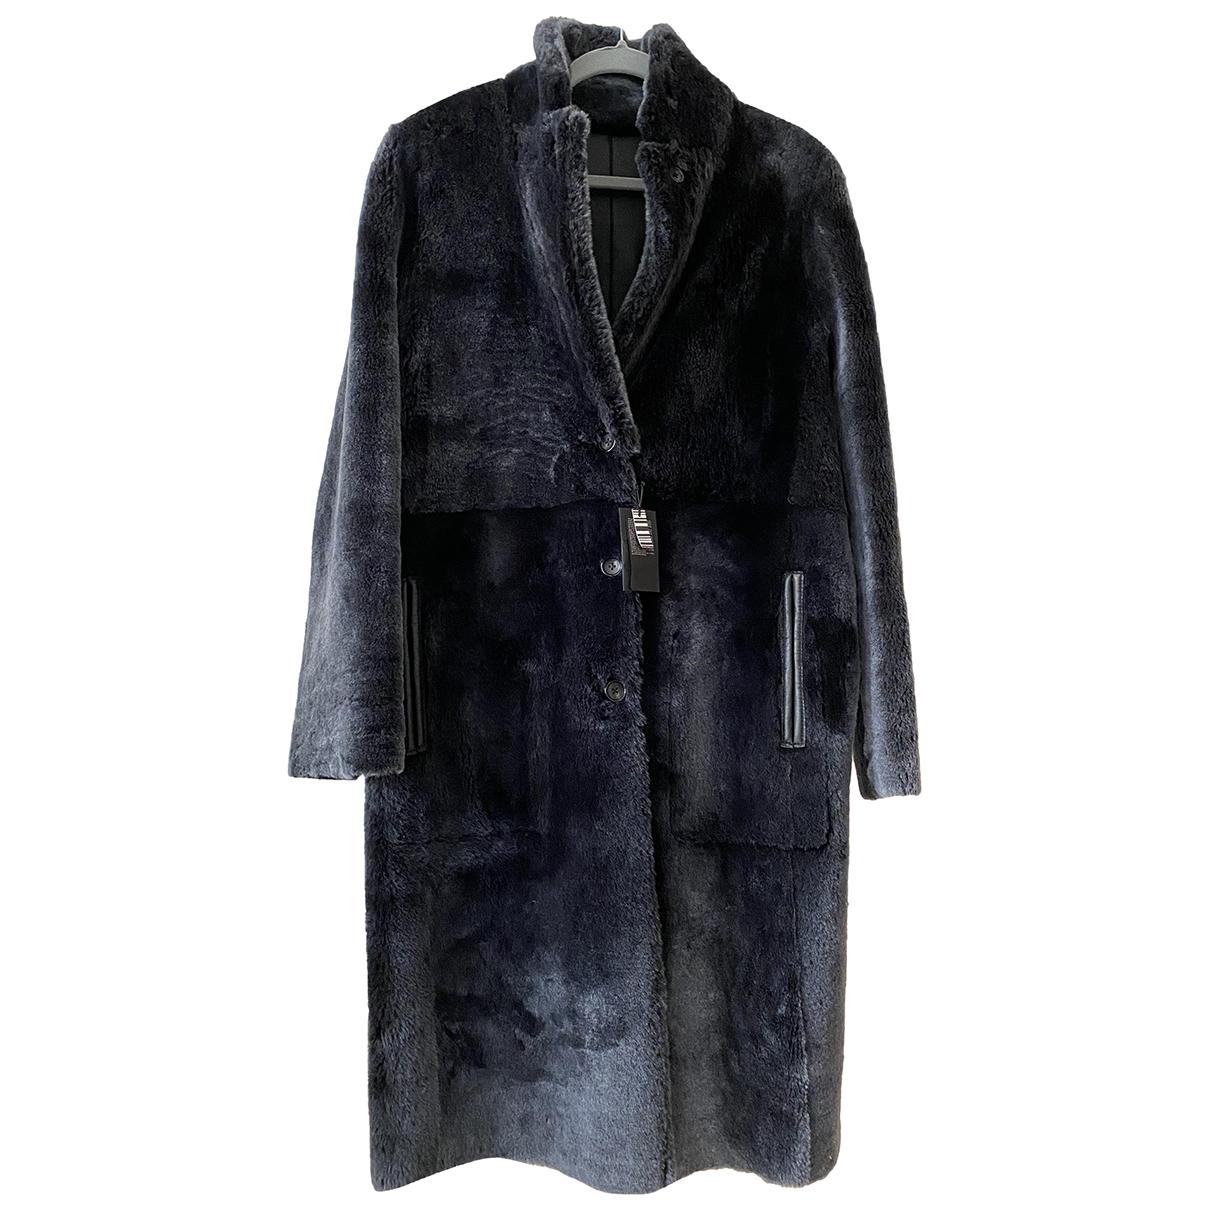 Joseph - Manteau   pour femme en cuir - marine